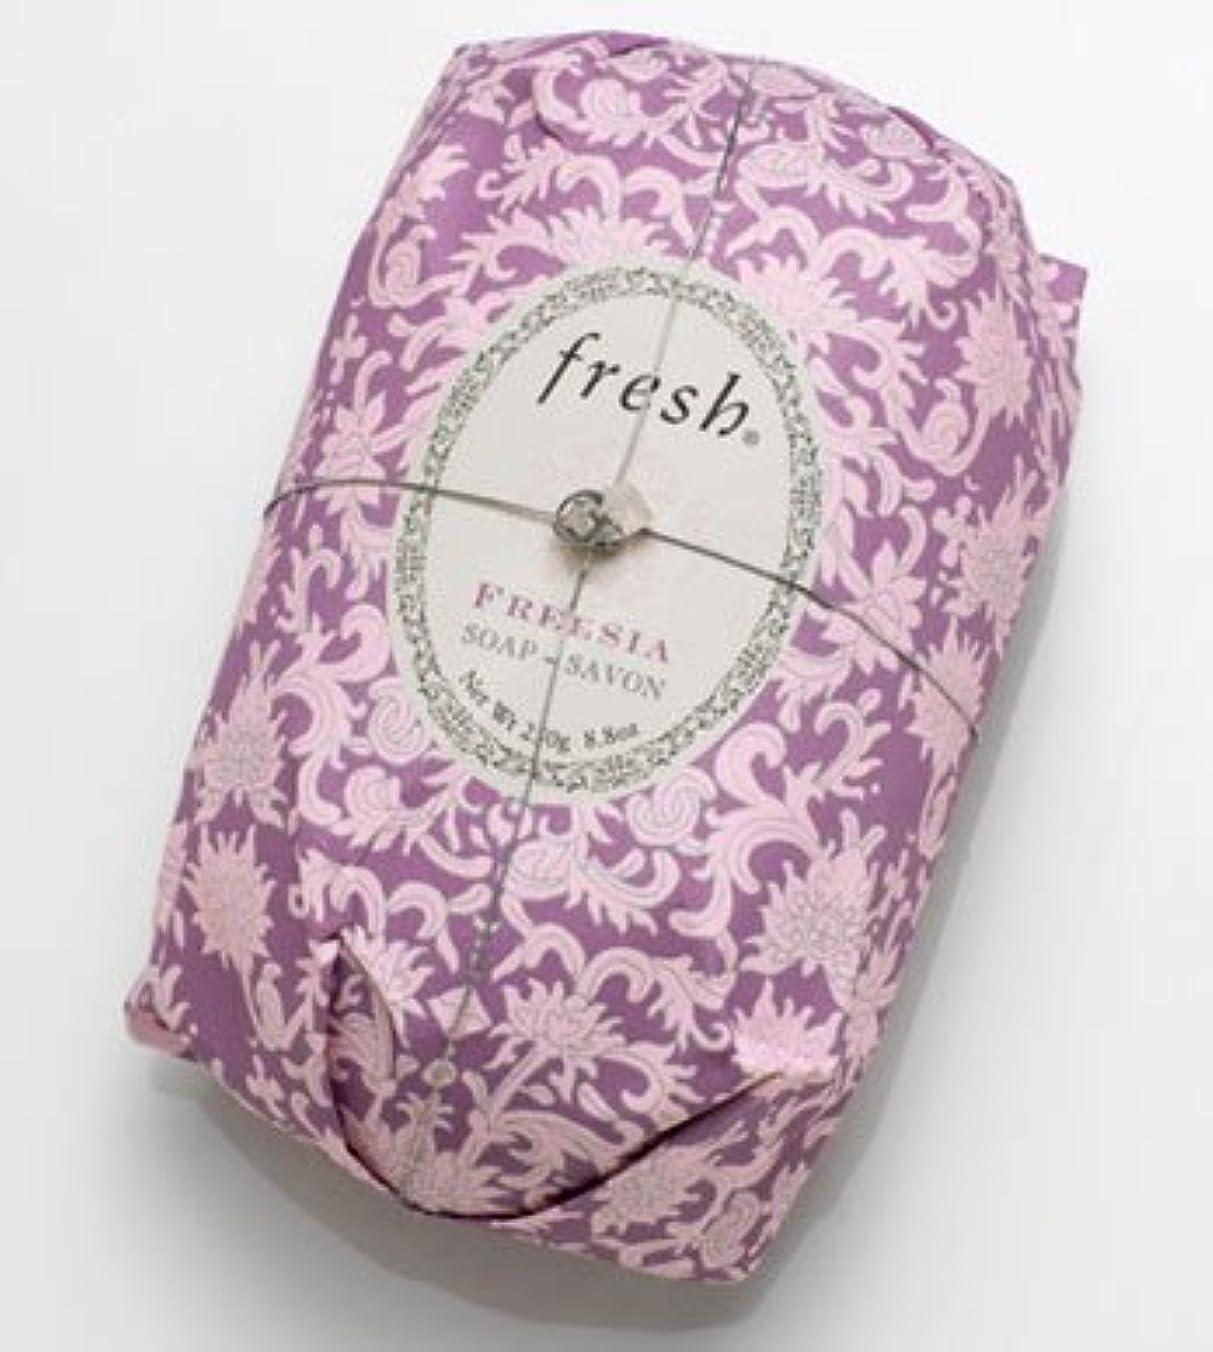 省略見つけた節約Fresh FREESIA  SOAP (フレッシュ フリージア ソープ) 8.8 oz (250g) Soap (石鹸) by Fresh